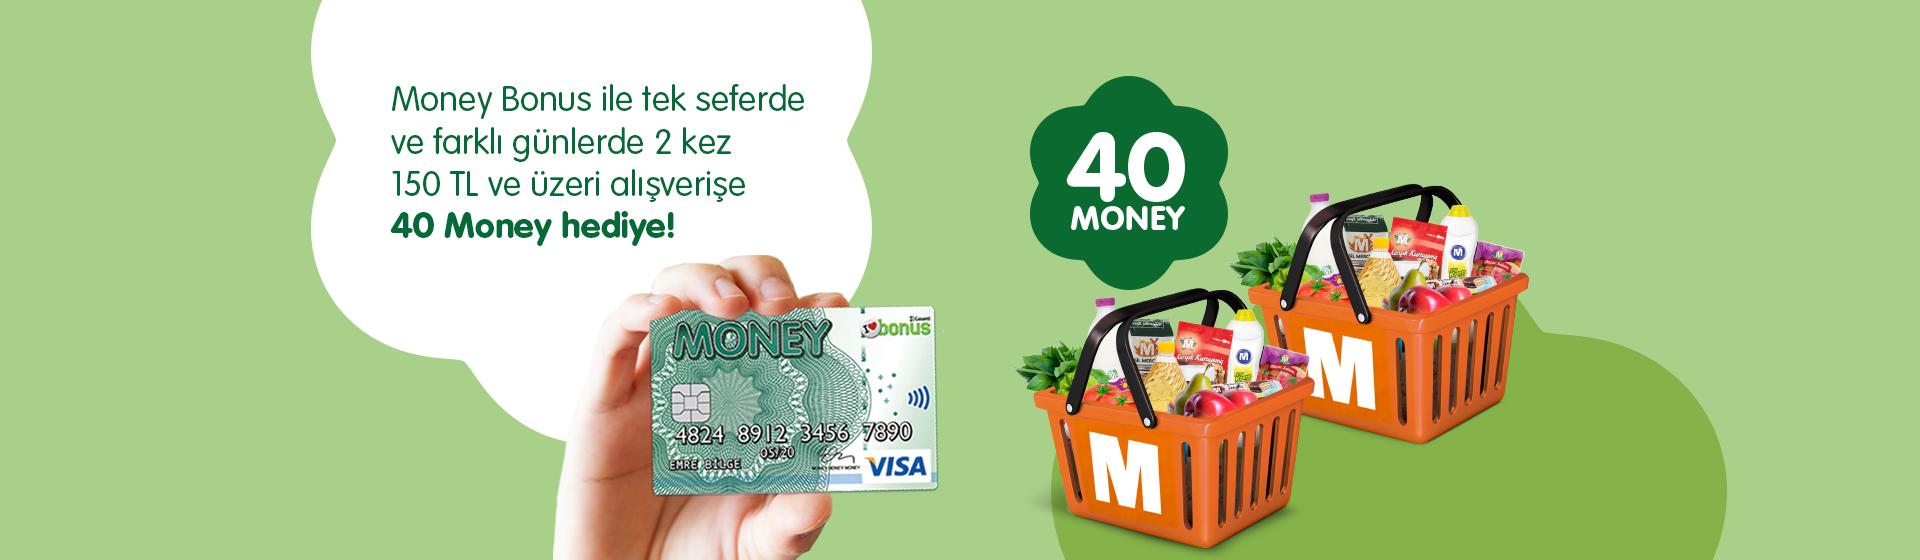 Money Bonus Alışveriş Kampanyası